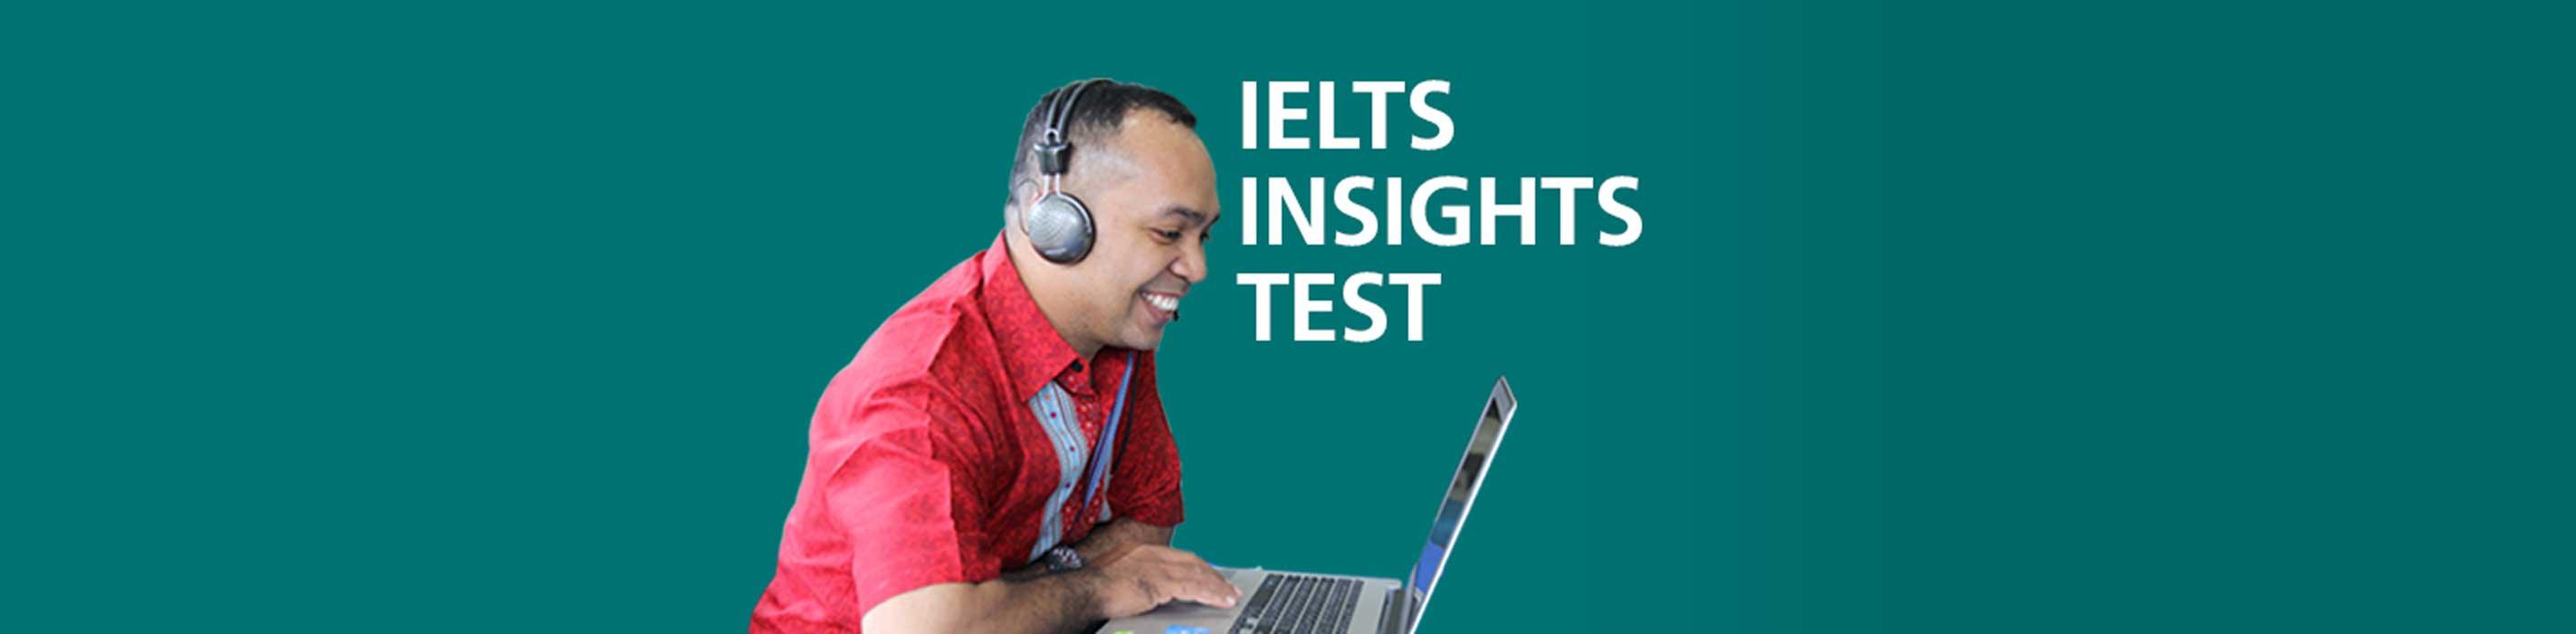 IELTS Insights Test